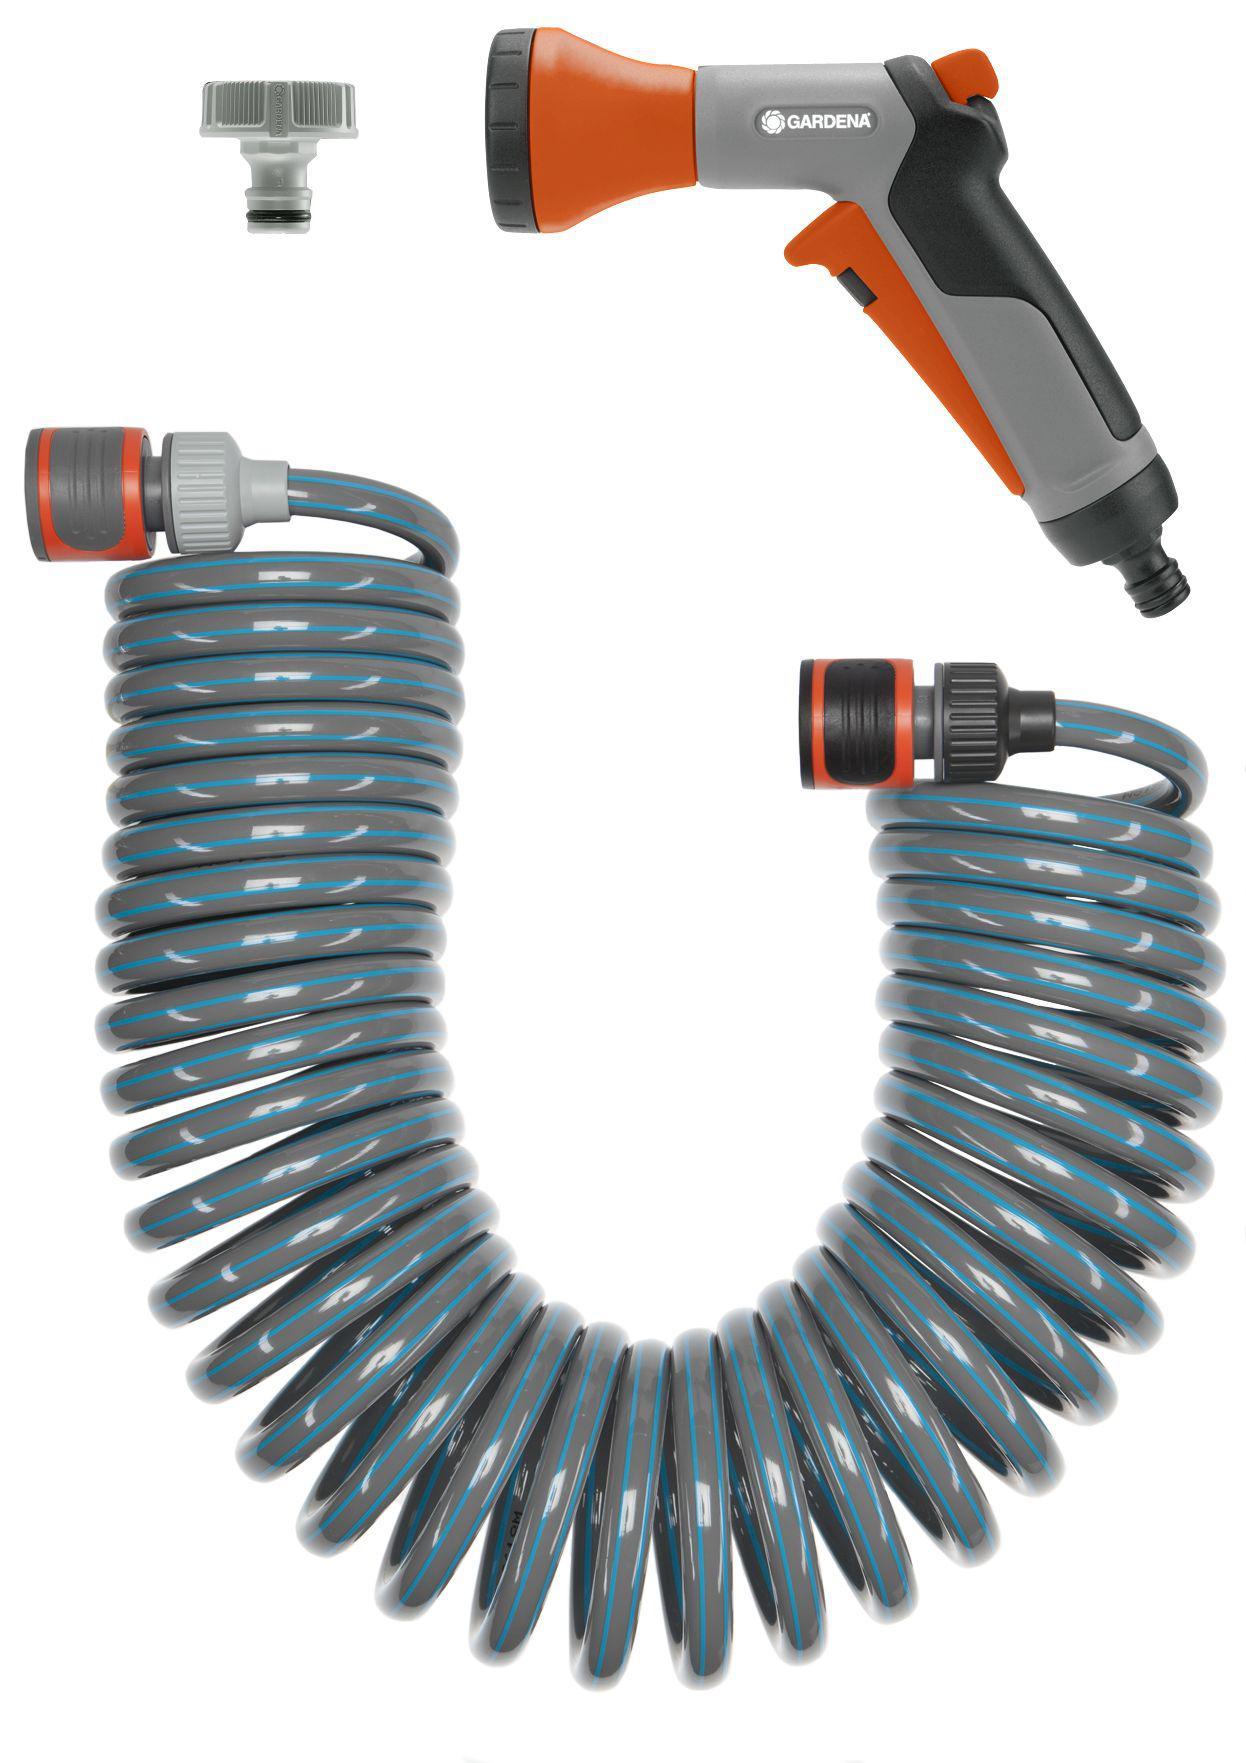 Спиральный шланг с фитингами и наконечником Gardena 18424-20 gardena 01355 20 000 00